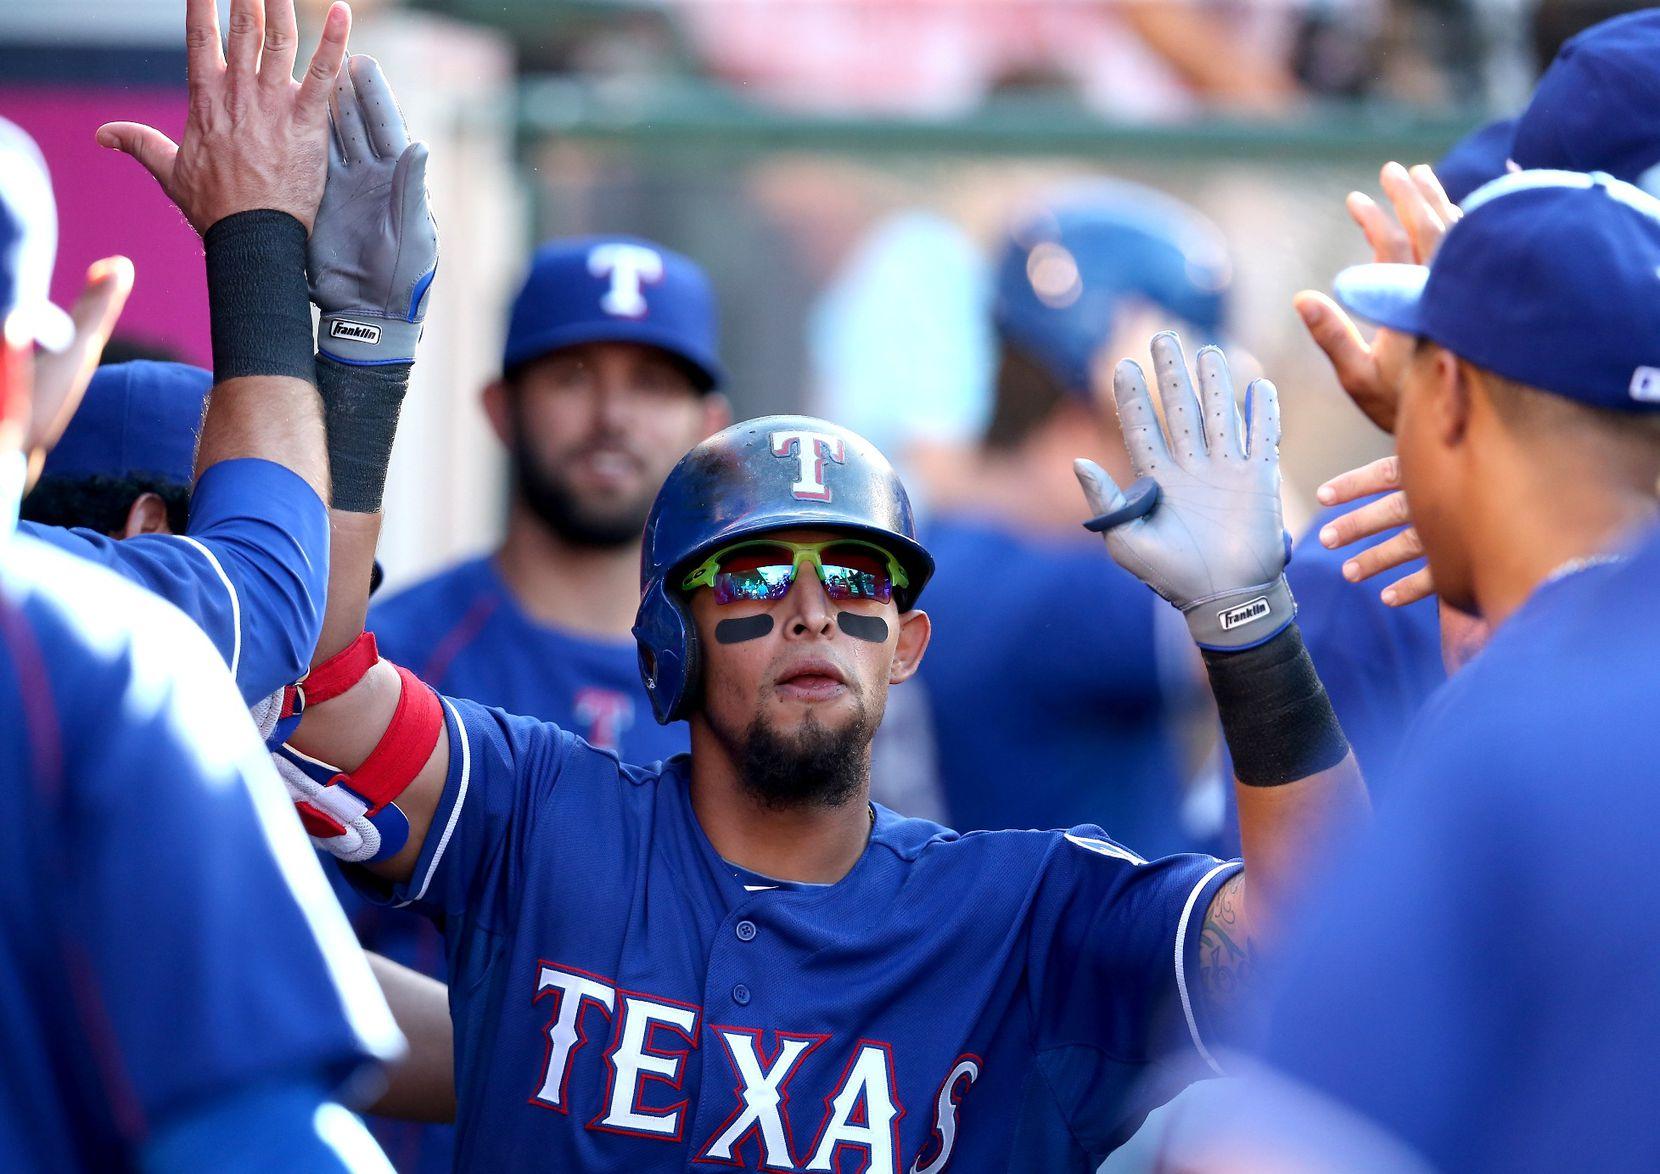 Rougned Odor es el segunda base de los Rangers. Foto GETTY IMAGES.